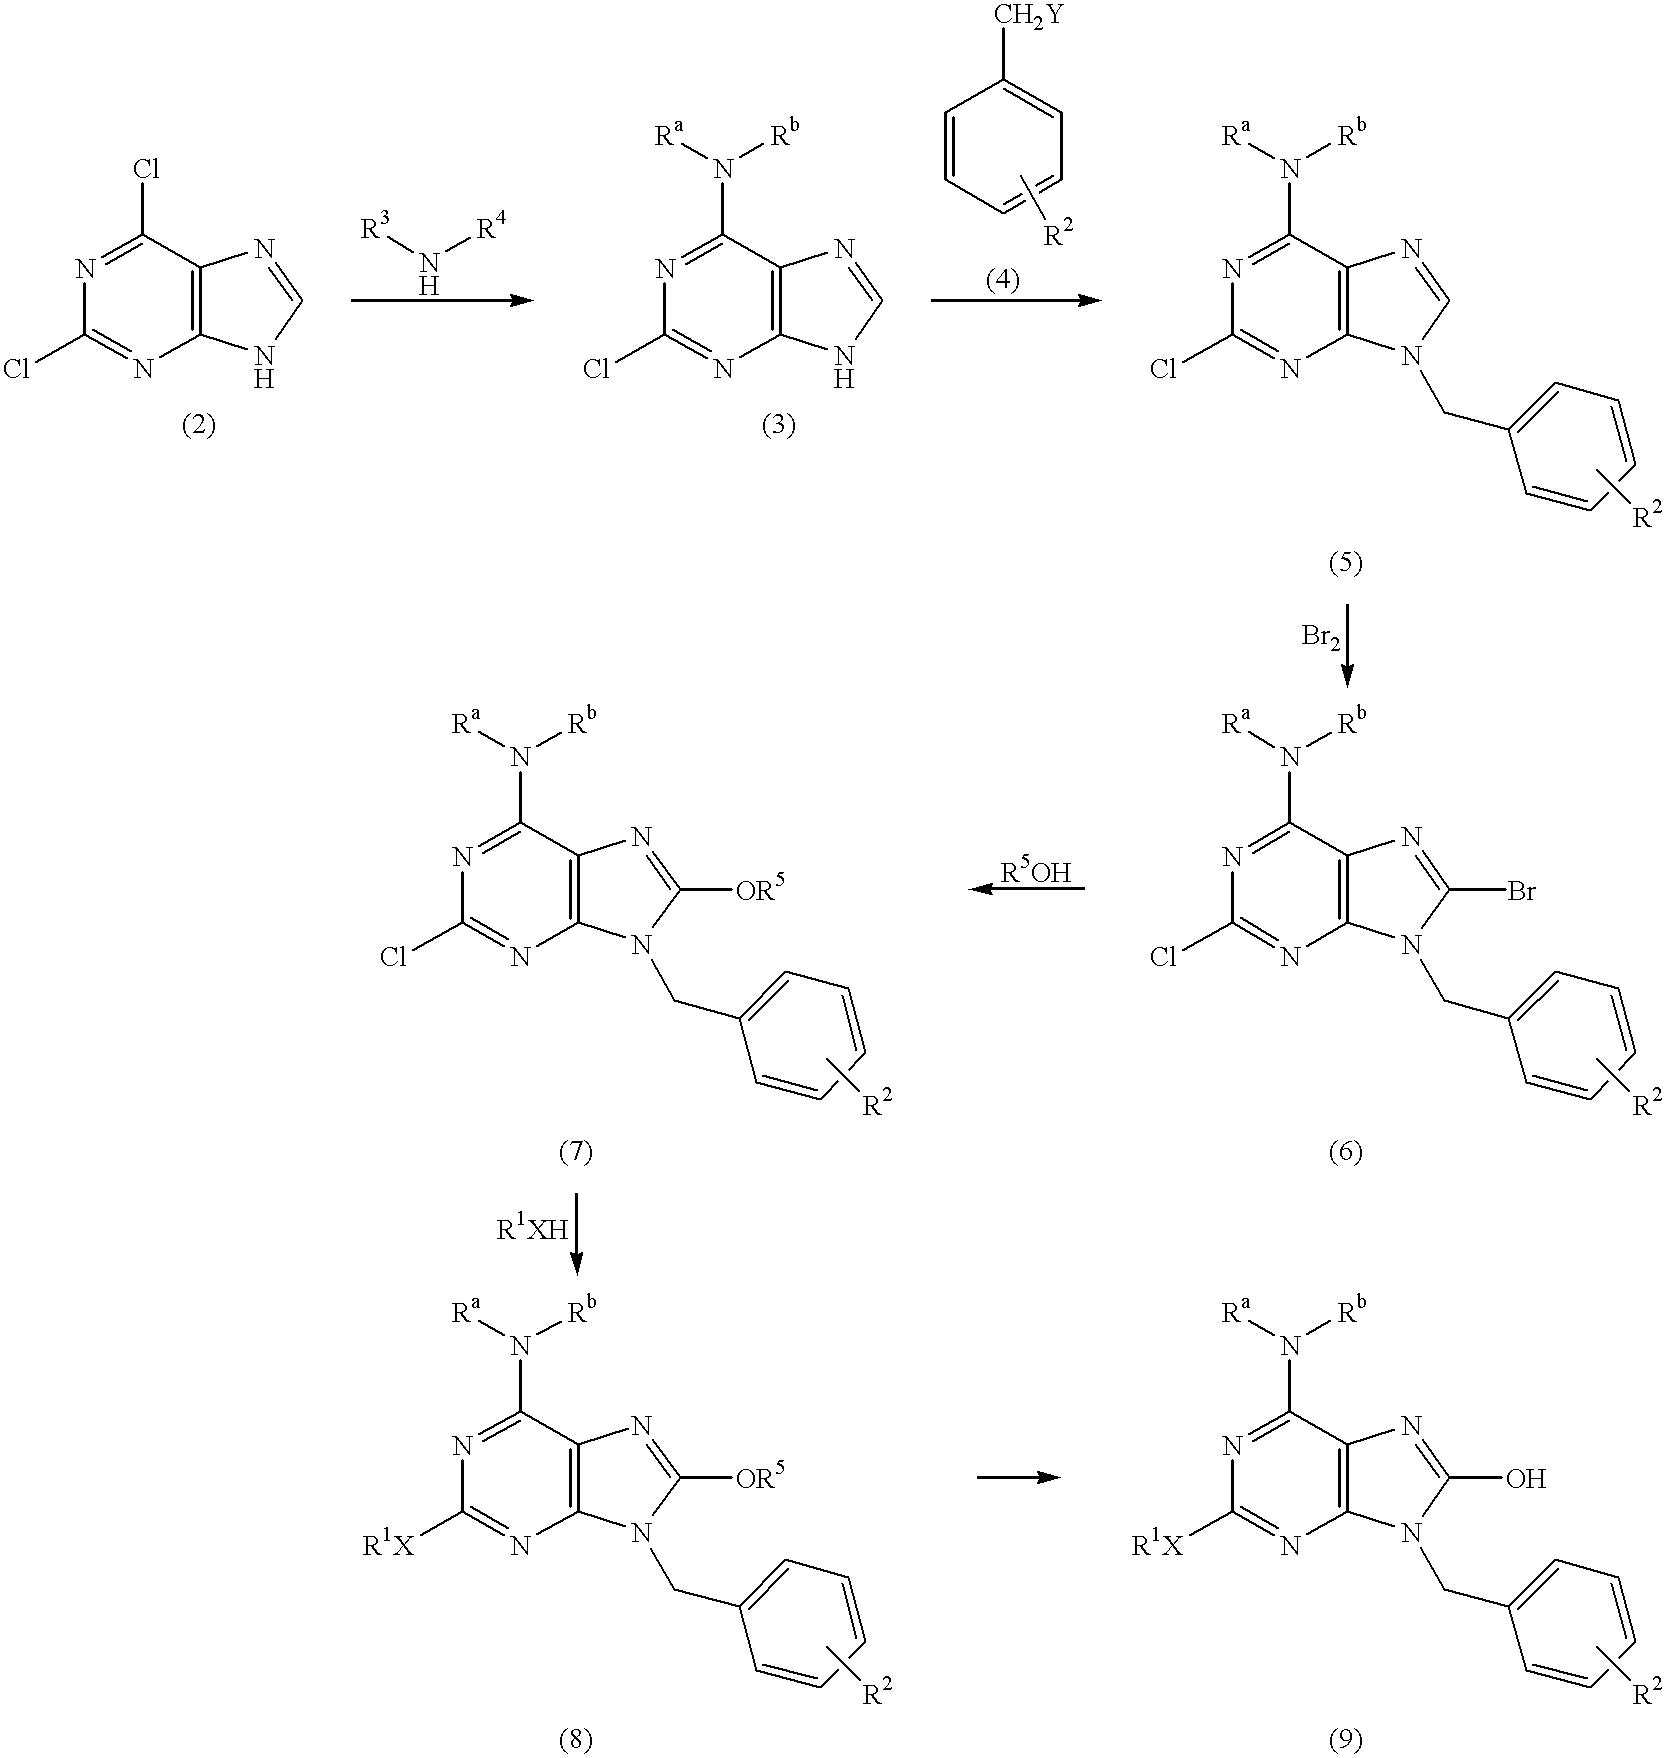 Figure US06329381-20011211-C00005